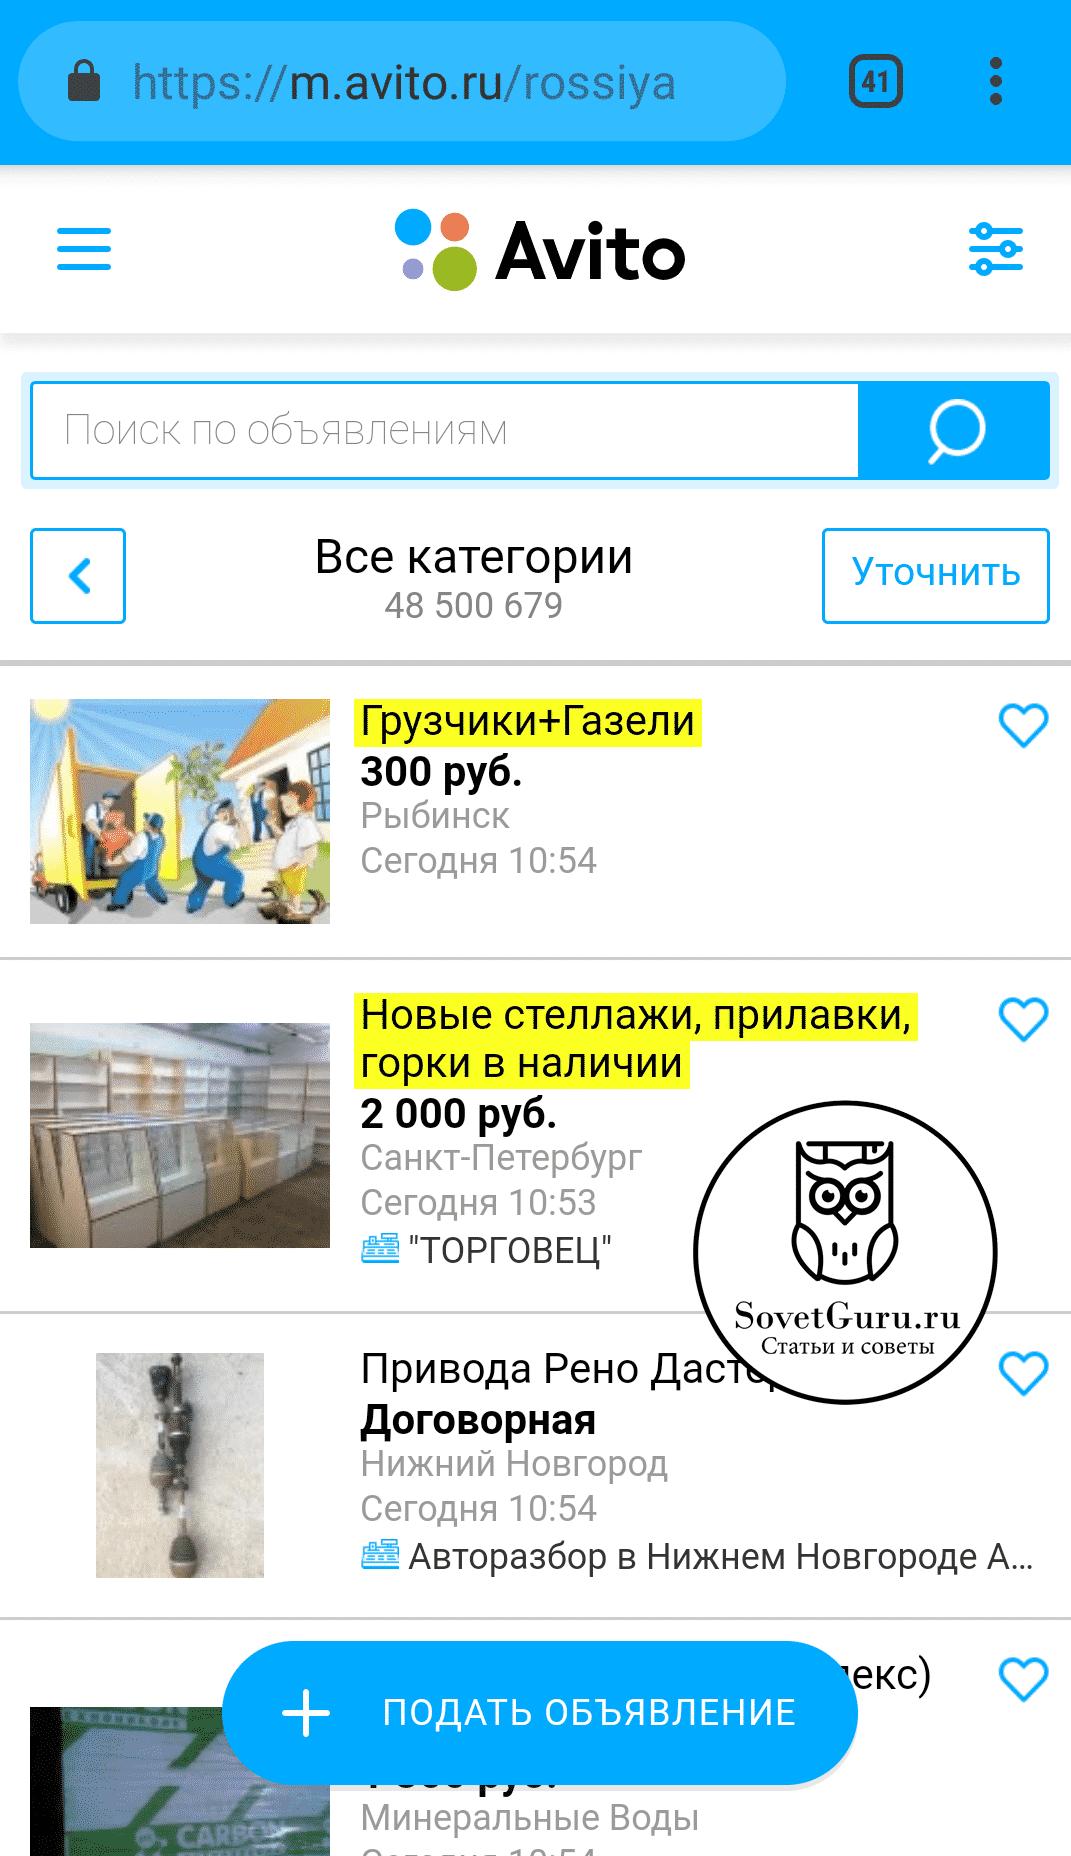 Как подать объявление на Авито через мобильную версию сайта | Как подать объявление на Авито бесплатно и платно